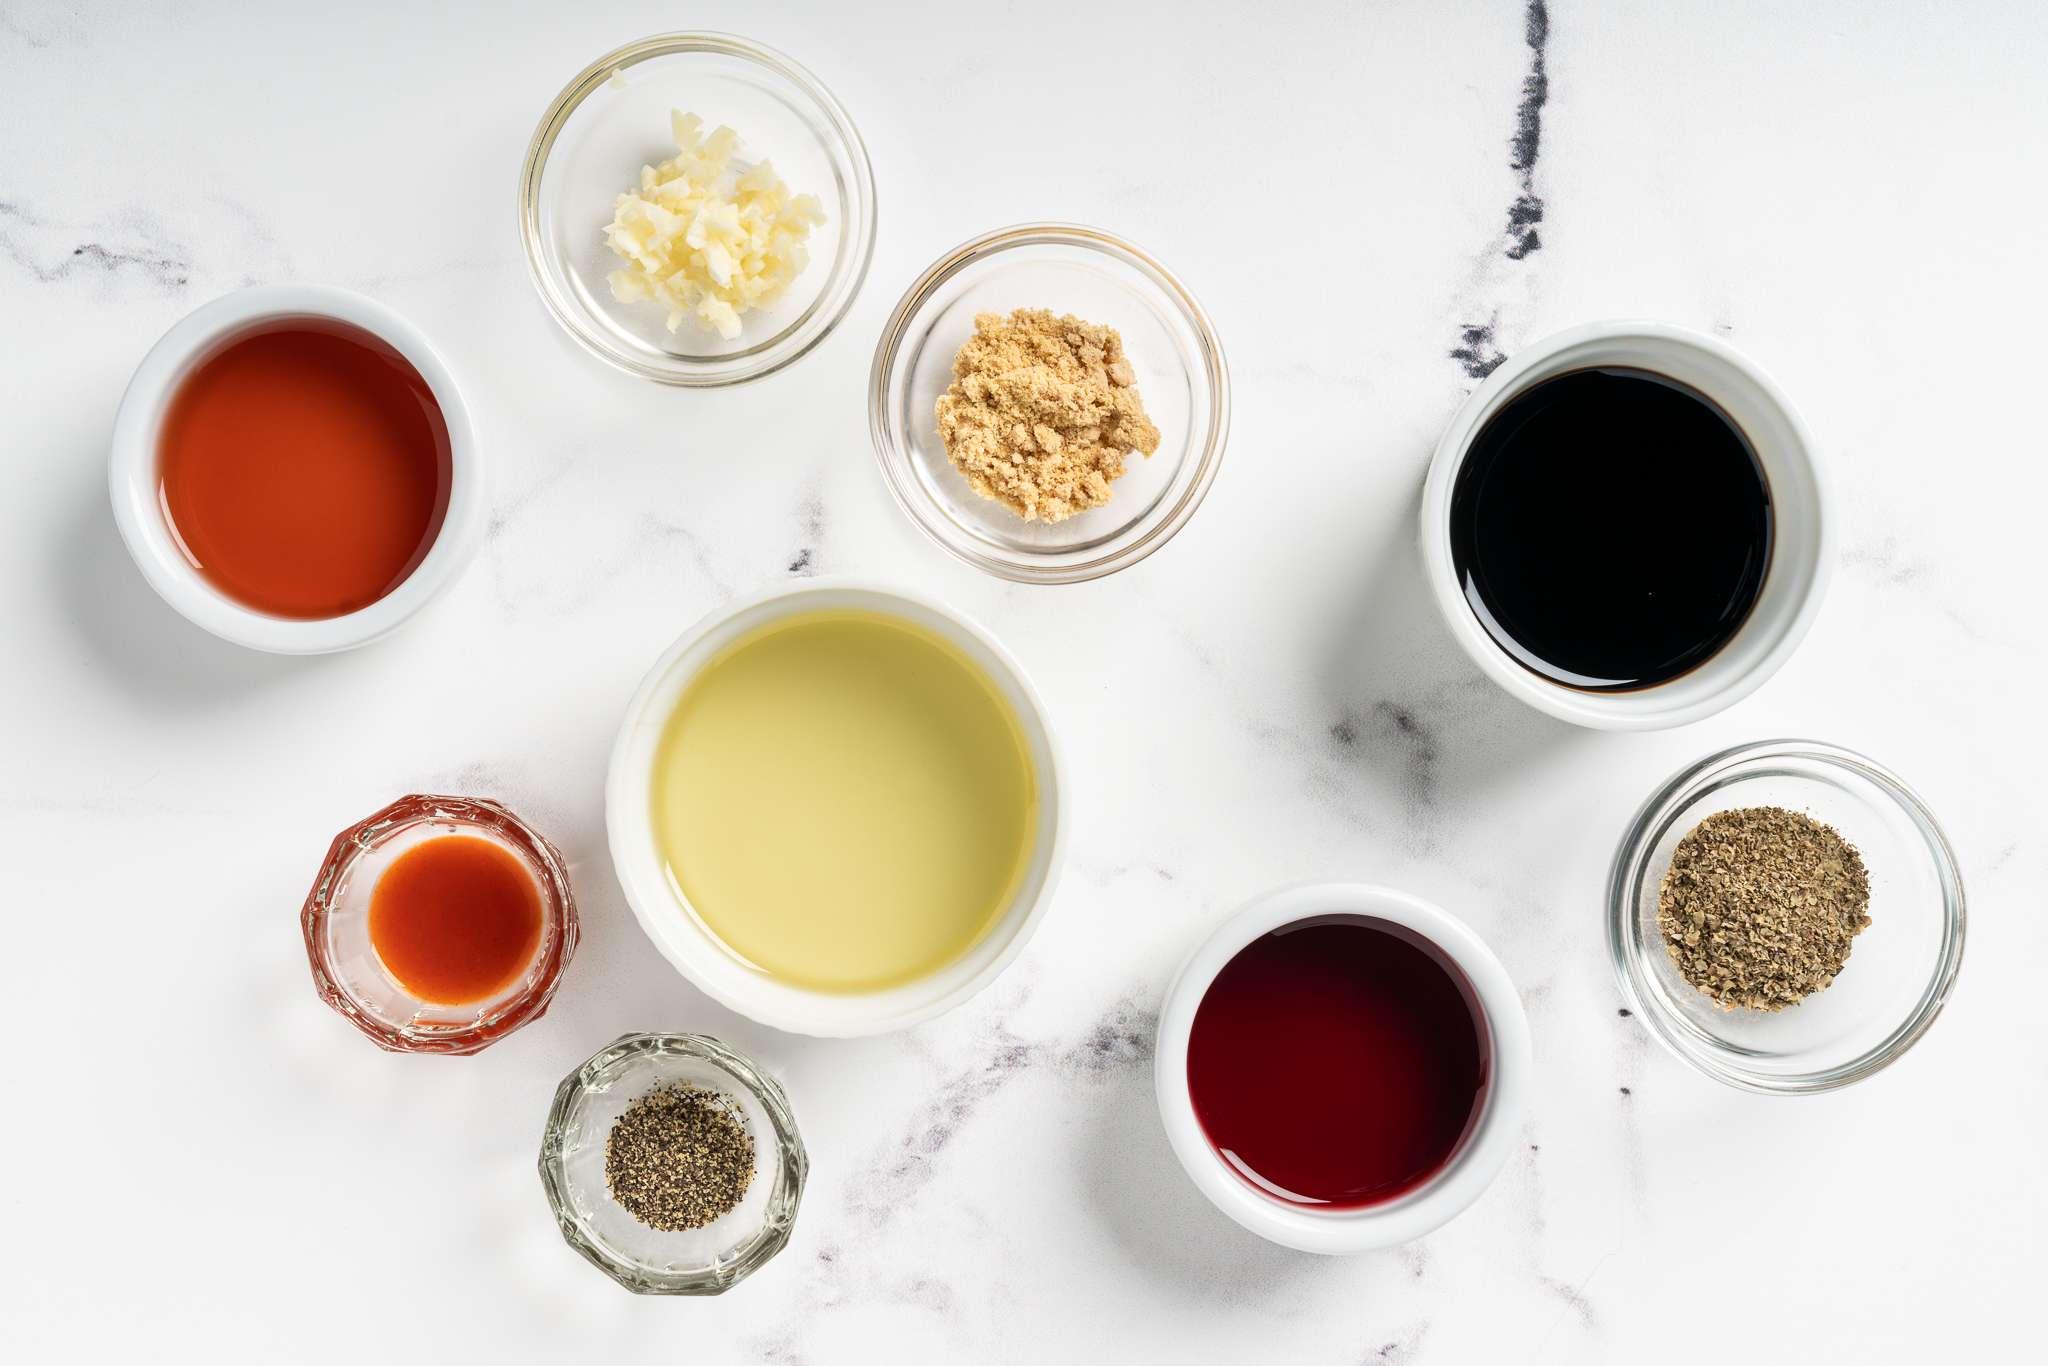 Soy Vinaigrette Salad Dressing ingredients